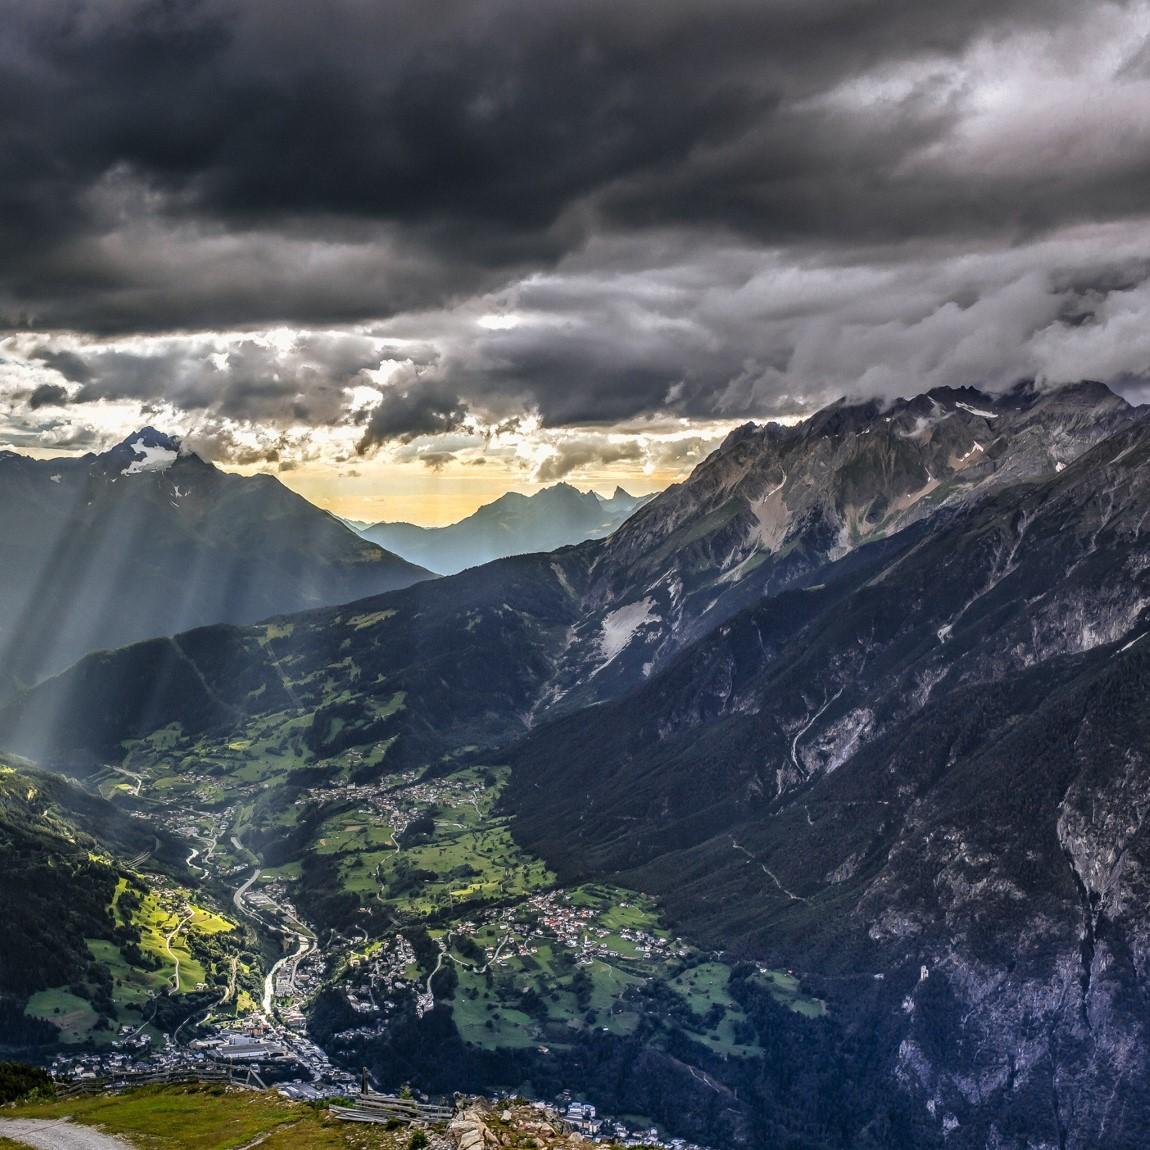 La Carta Inventario dei percorsi escursionistici della Liguria contiene le informazioni relative alla rete escursionistica regionale (legge regionale 24/2009).